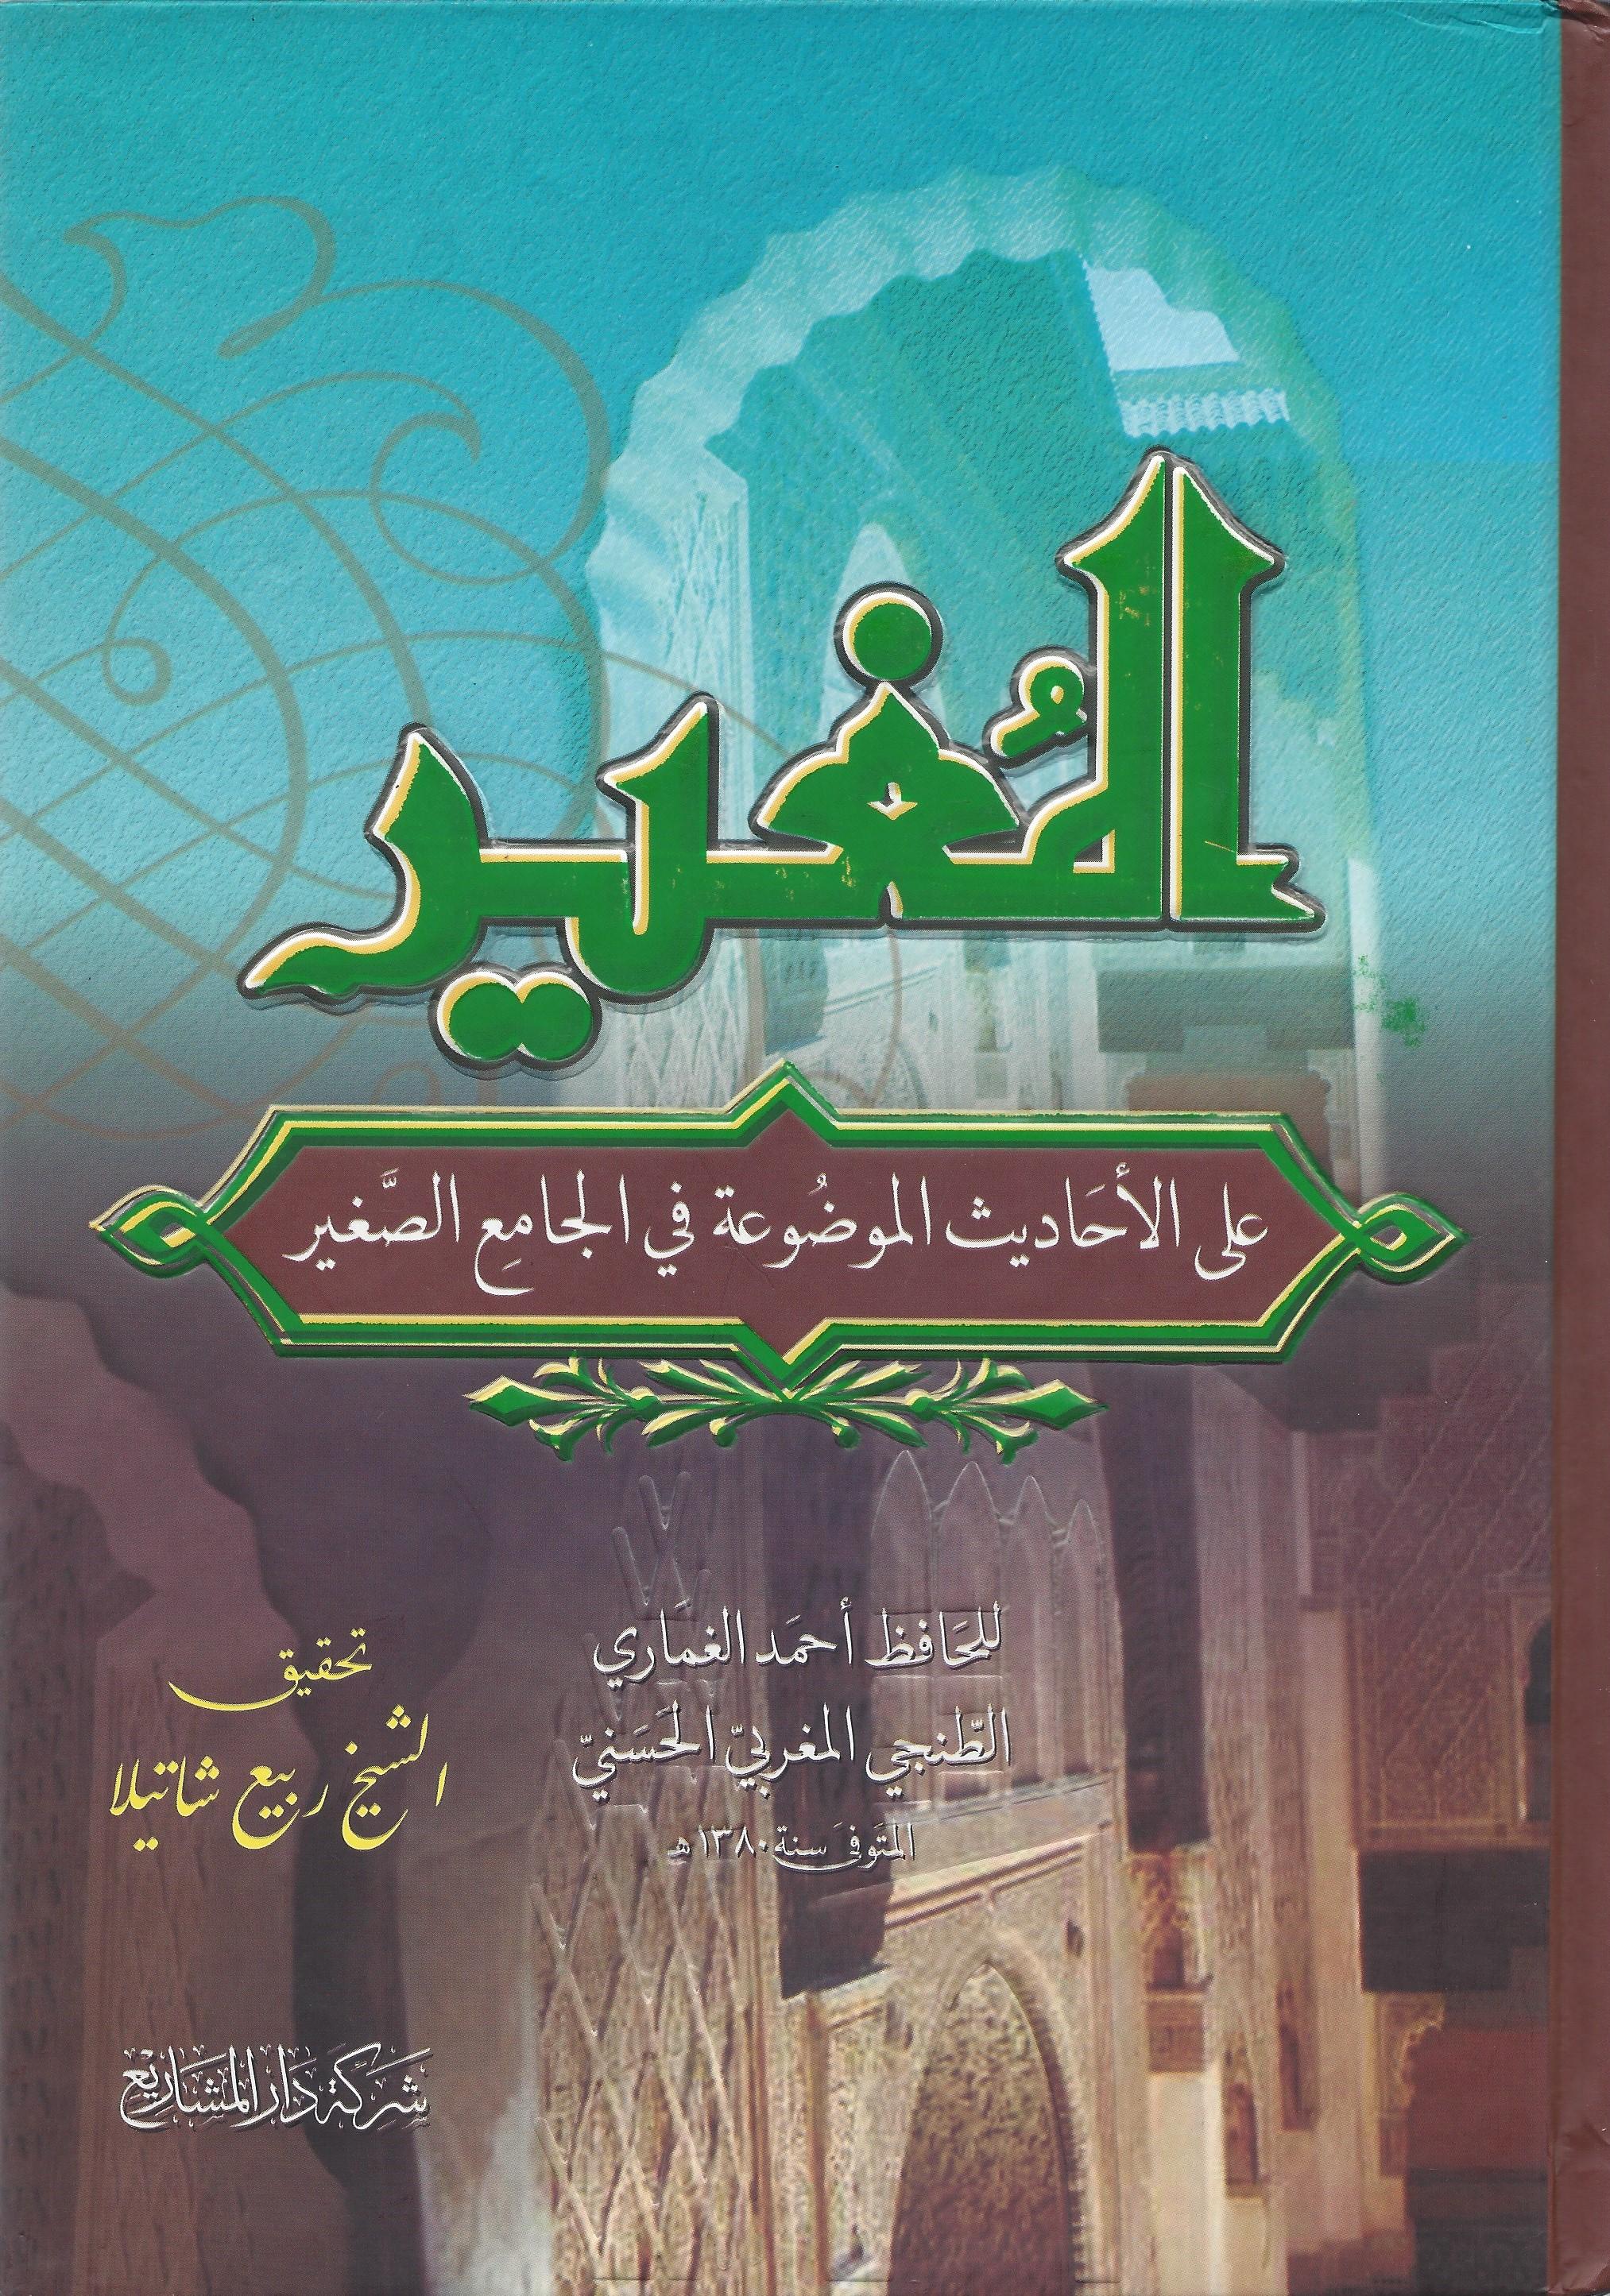 كتاب علم الخلية ميساء الراوي pdf